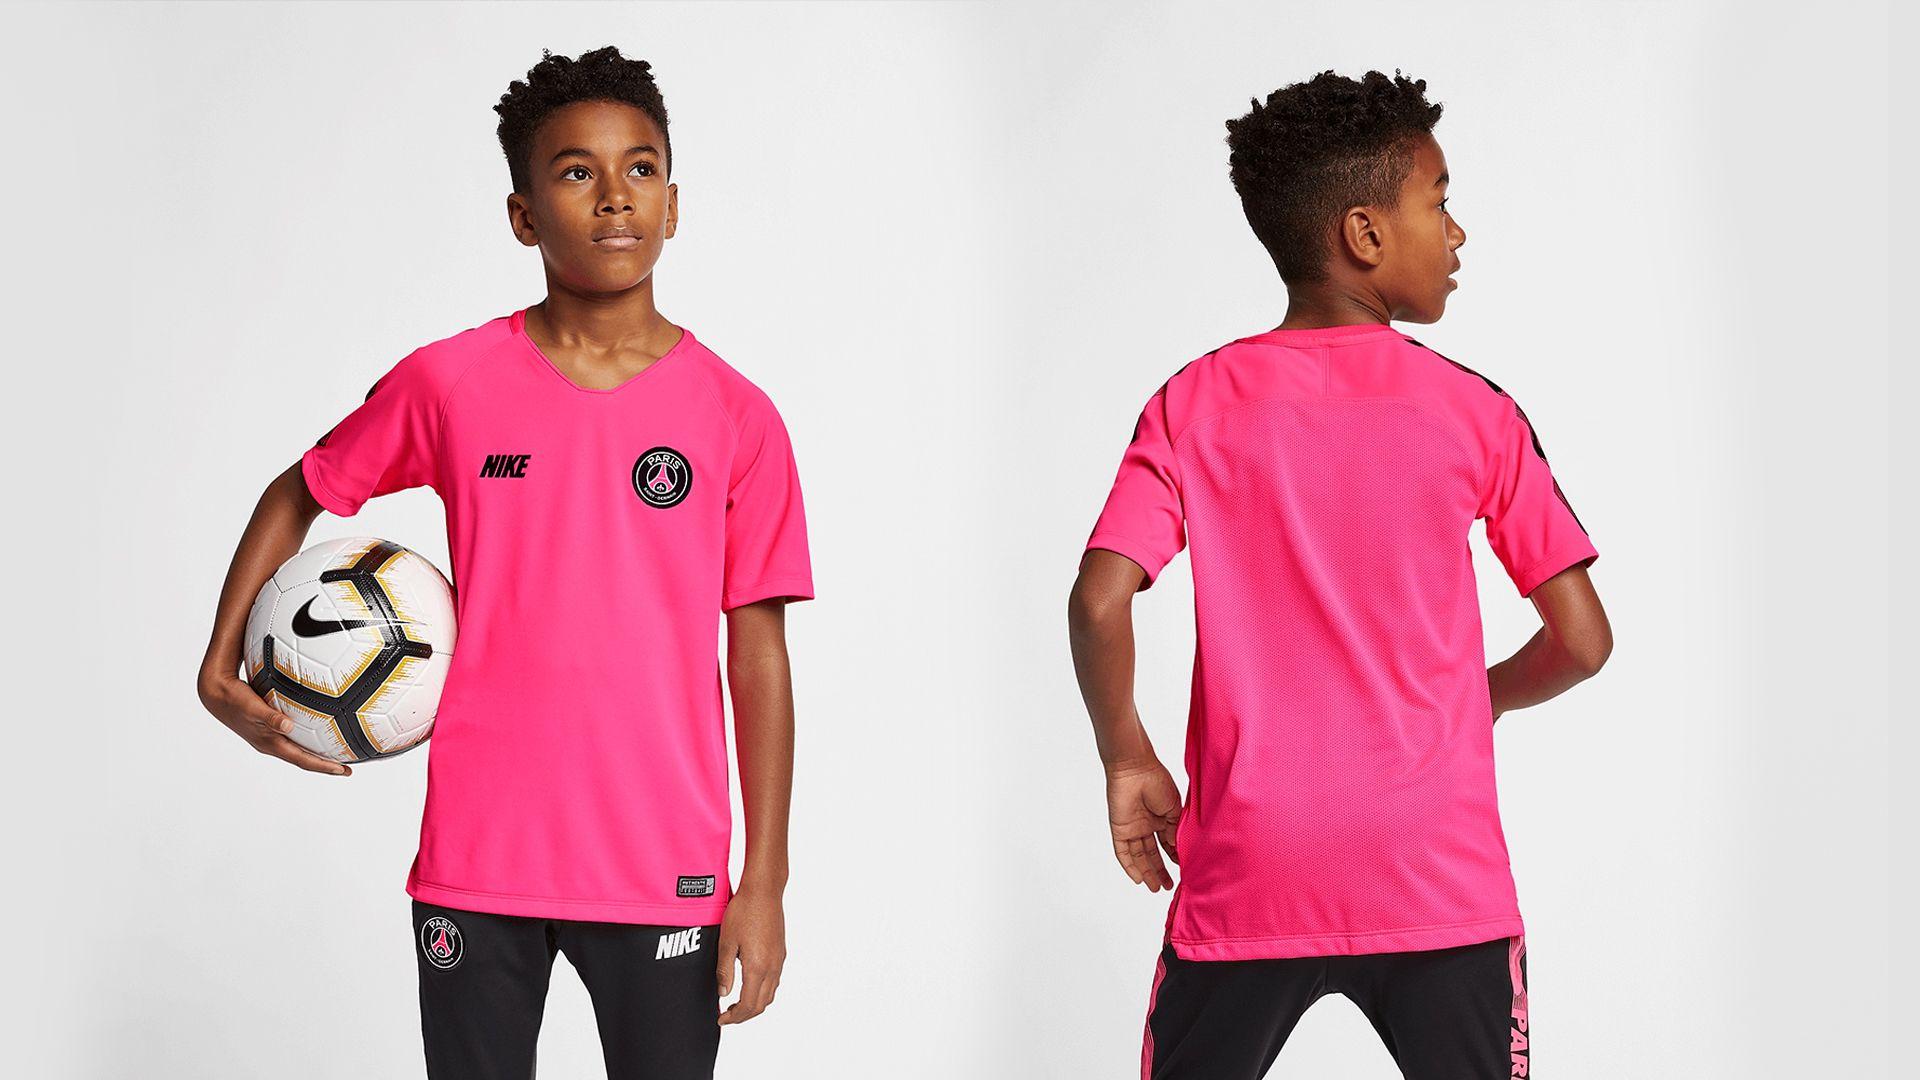 Camisa do PSG Rosa (Imagem: Divulgação/Nike)